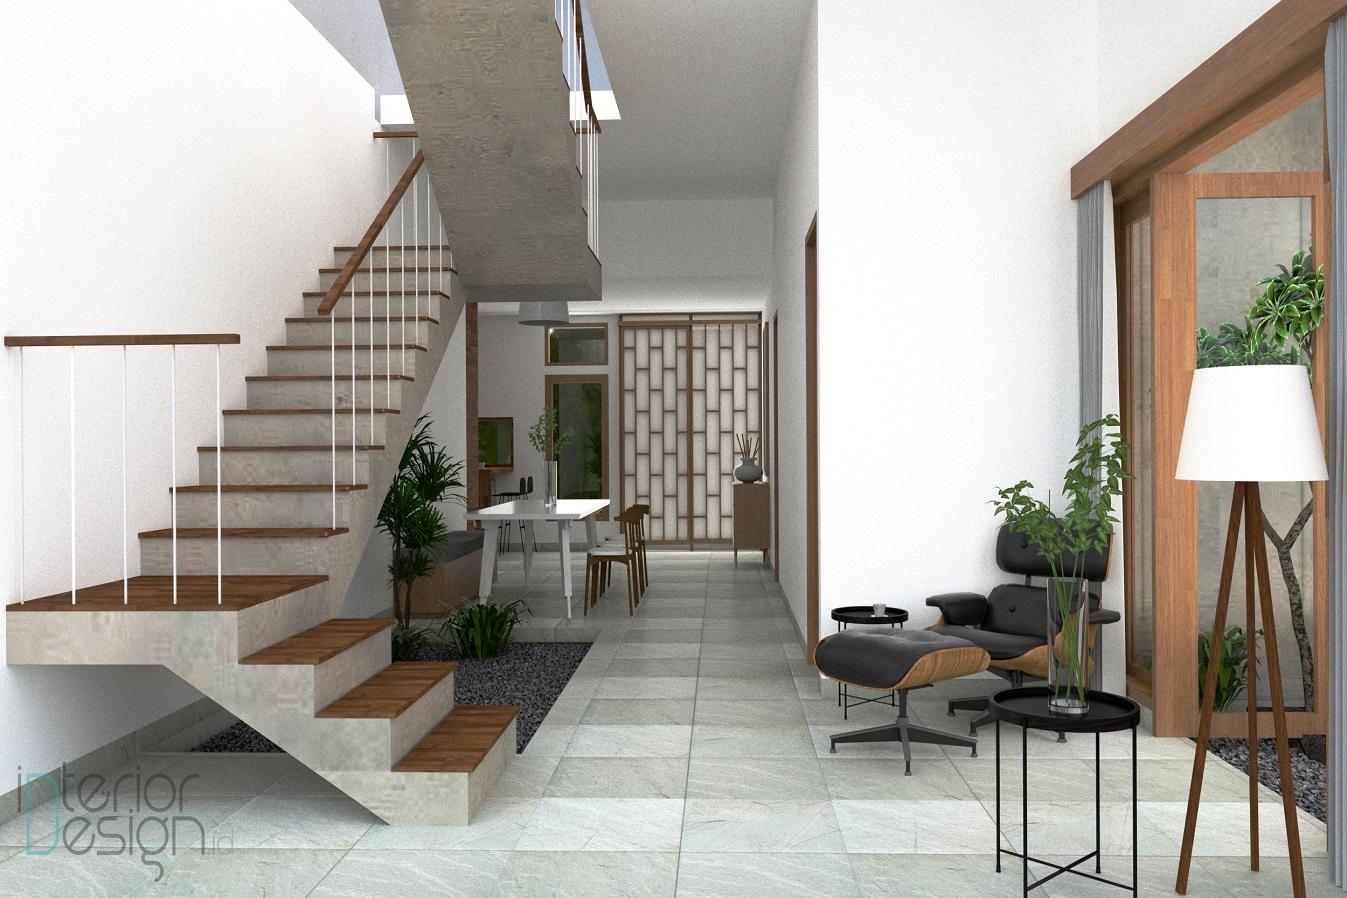 jasa desain interior rumah bandung;jasa desain rumah full service & Jasa Desain Interior Jakarta | InteriorDesign.id